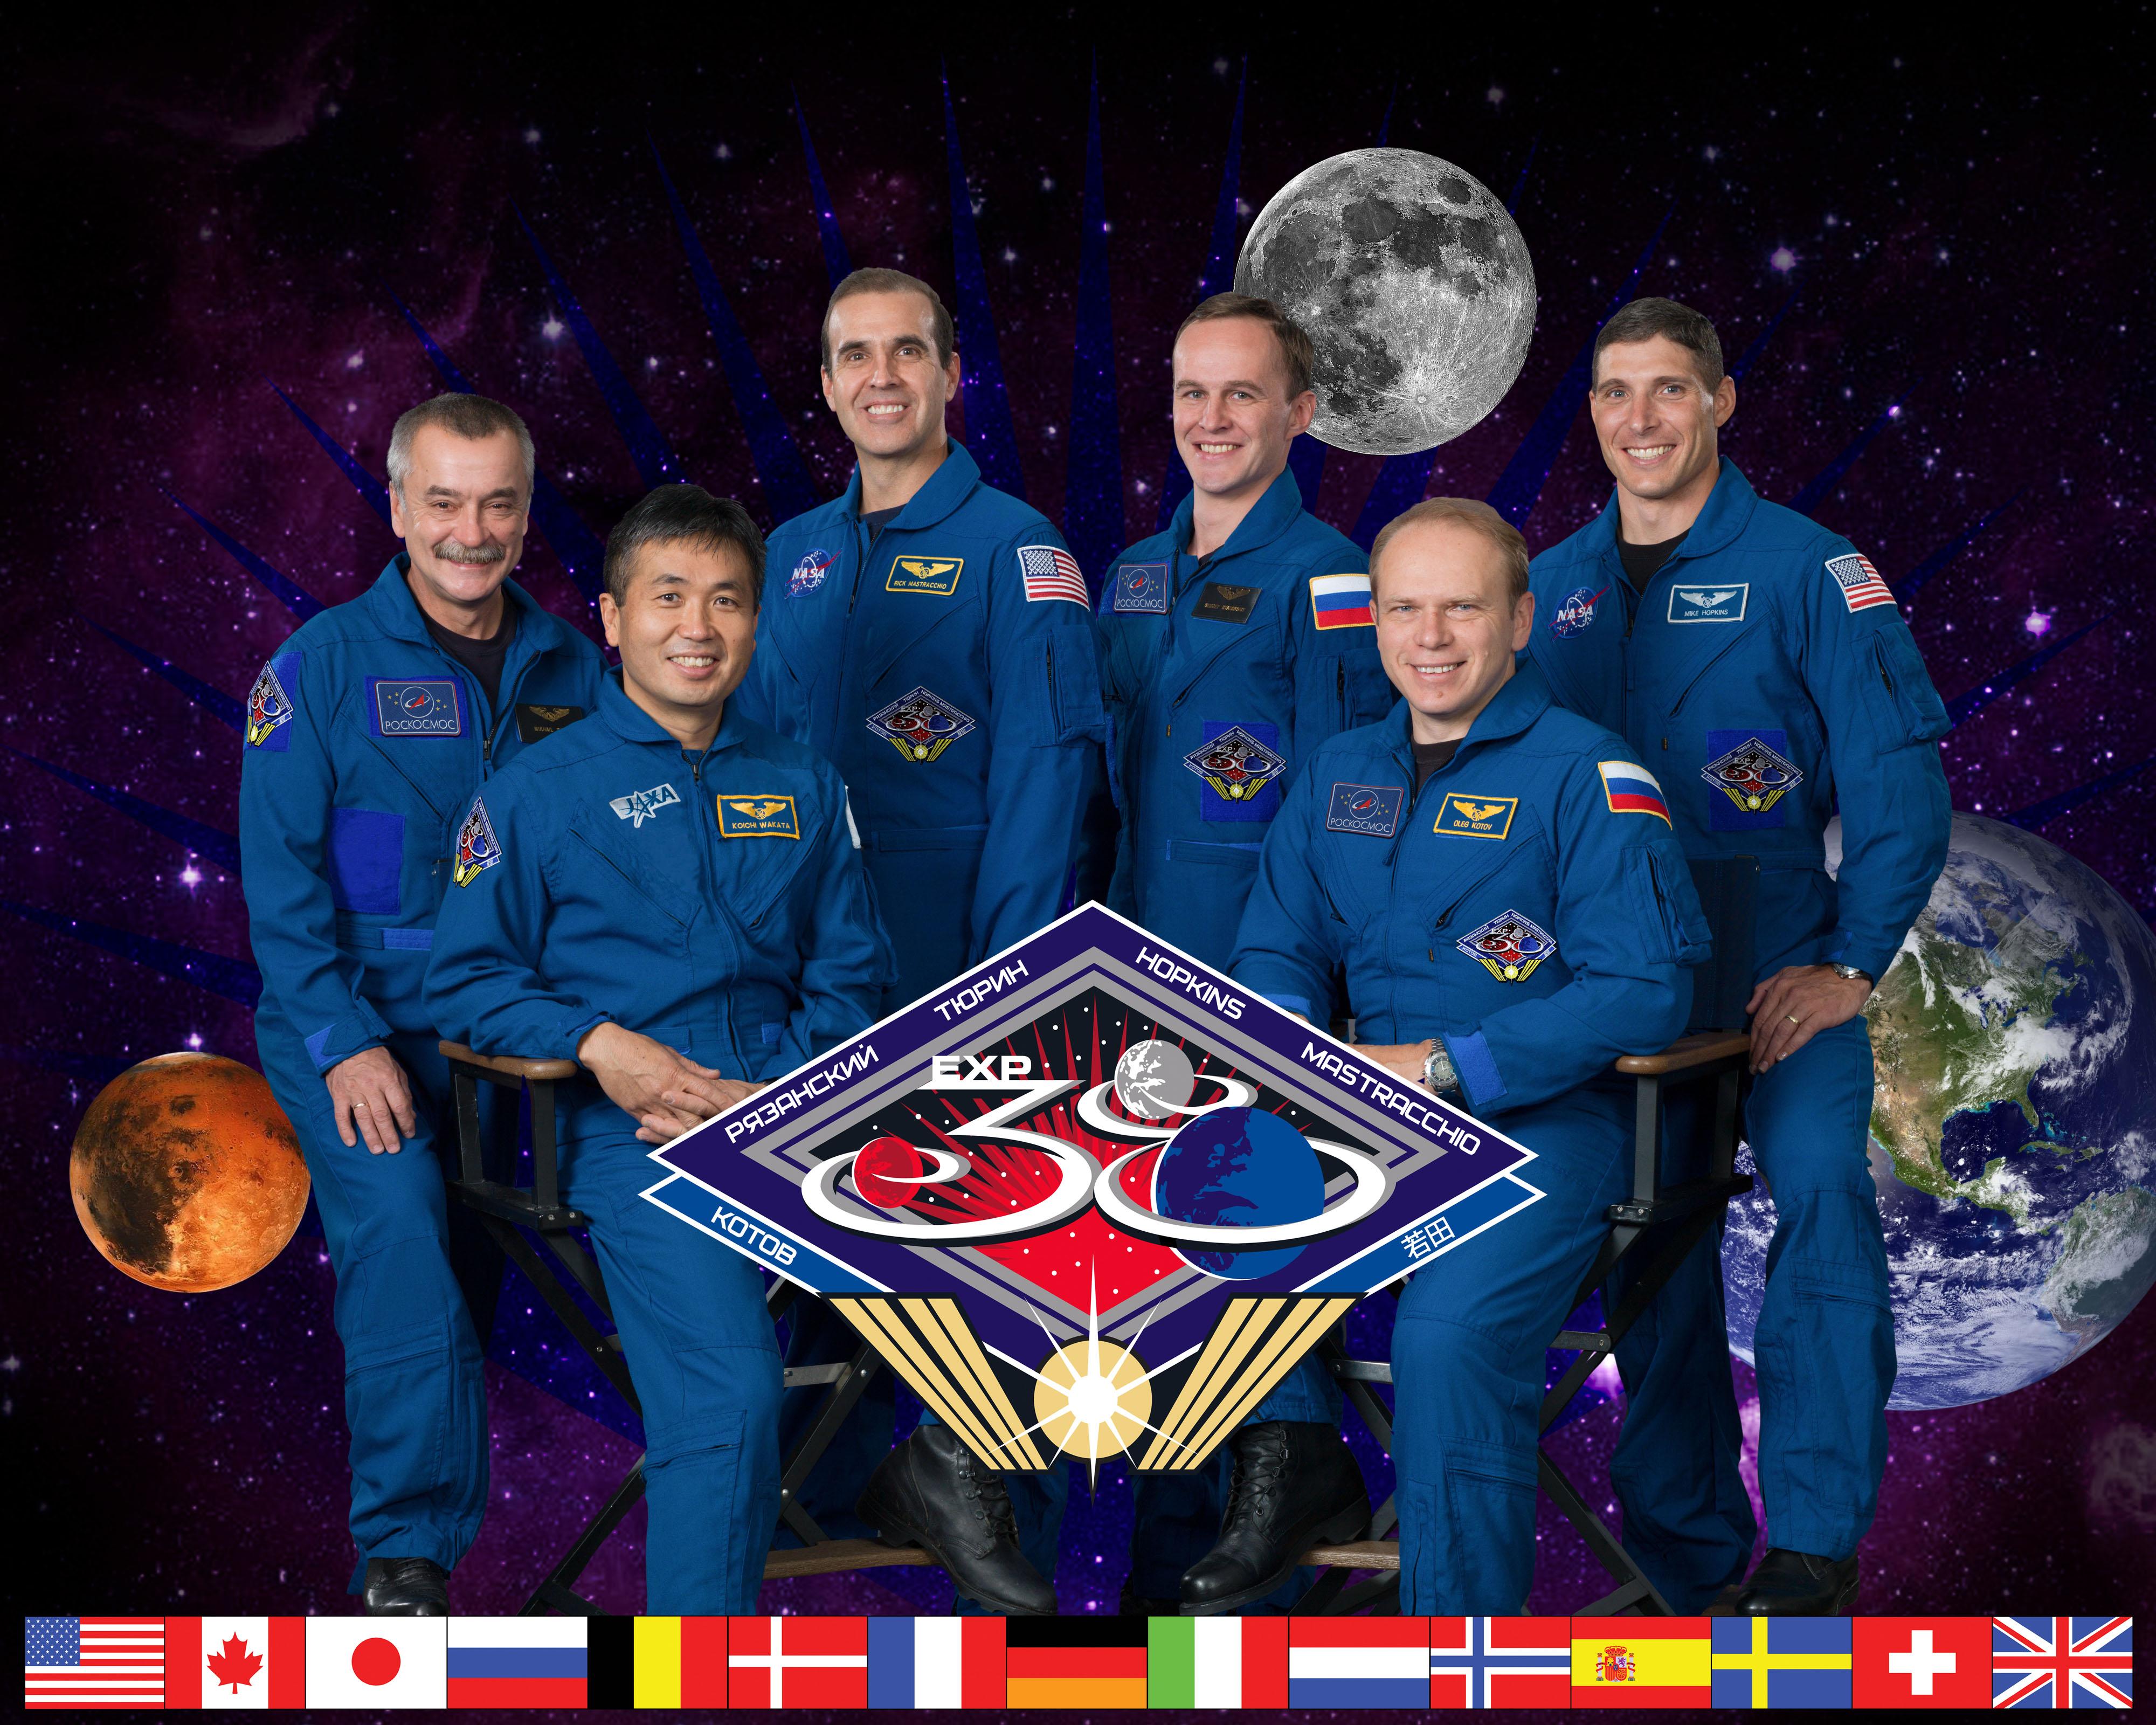 Expedition_38_crew_portrait